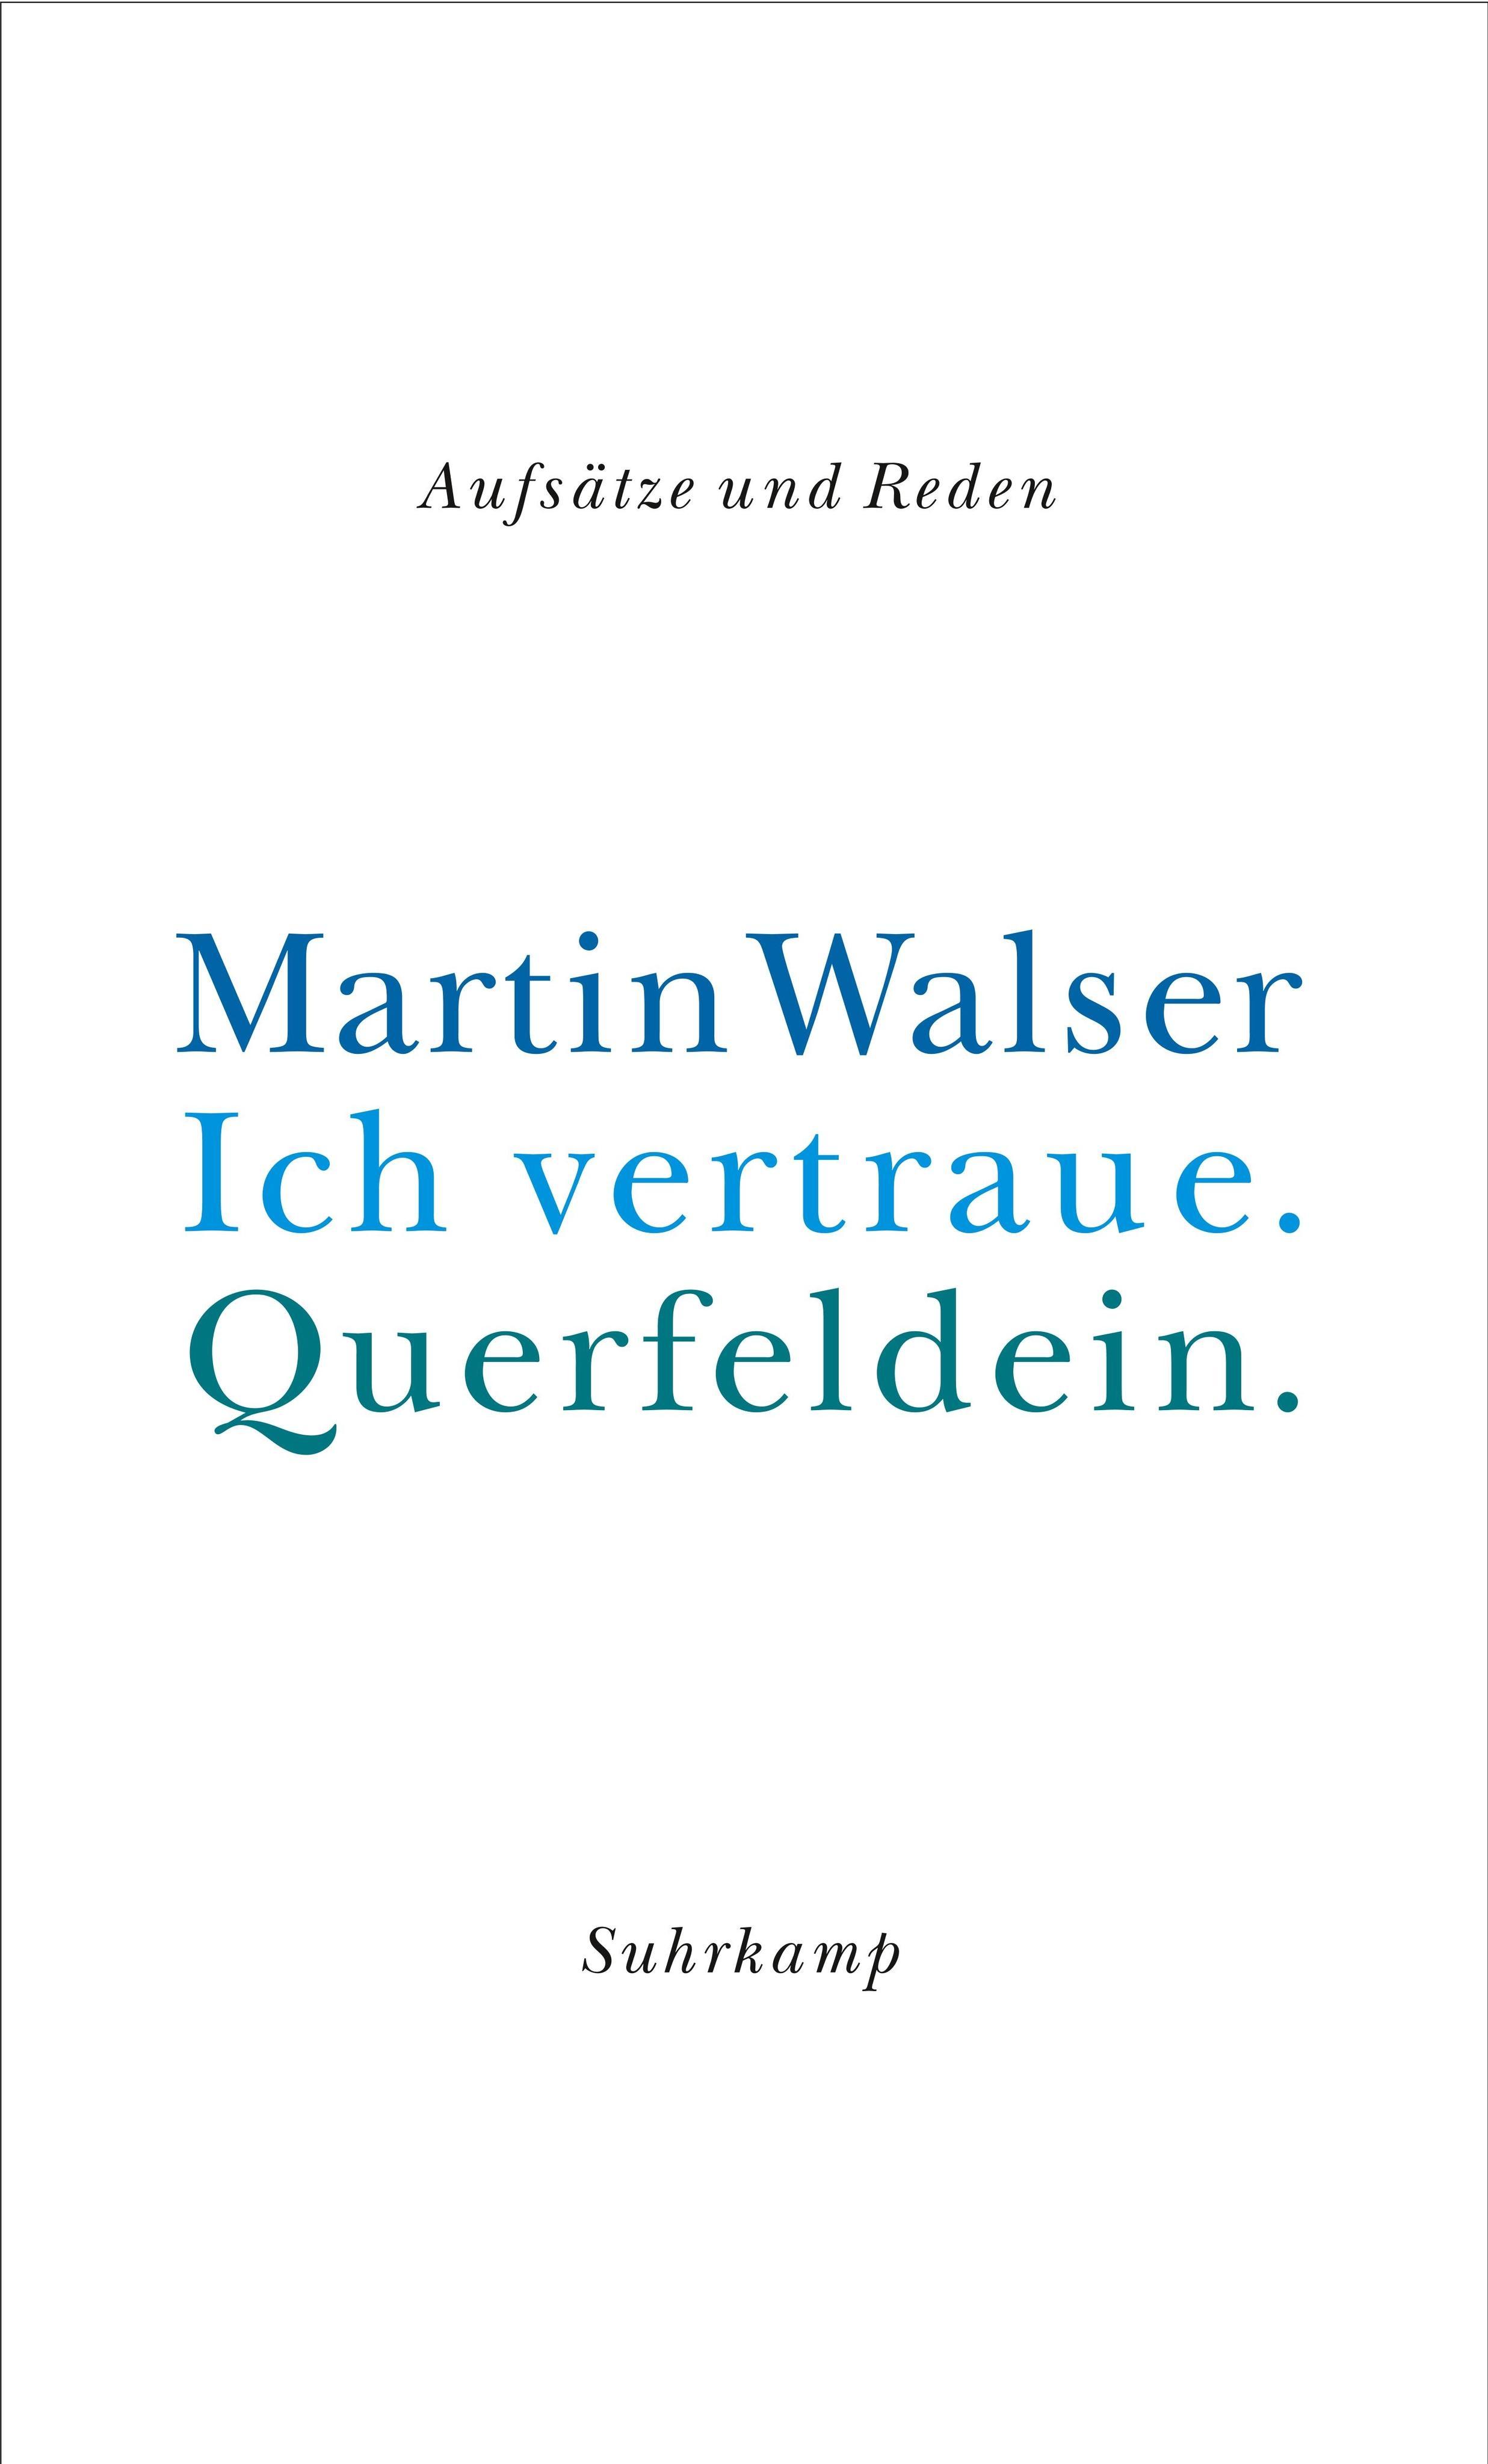 Martin Walser ~ Ich vertraue. Querfeldein 9783518411582